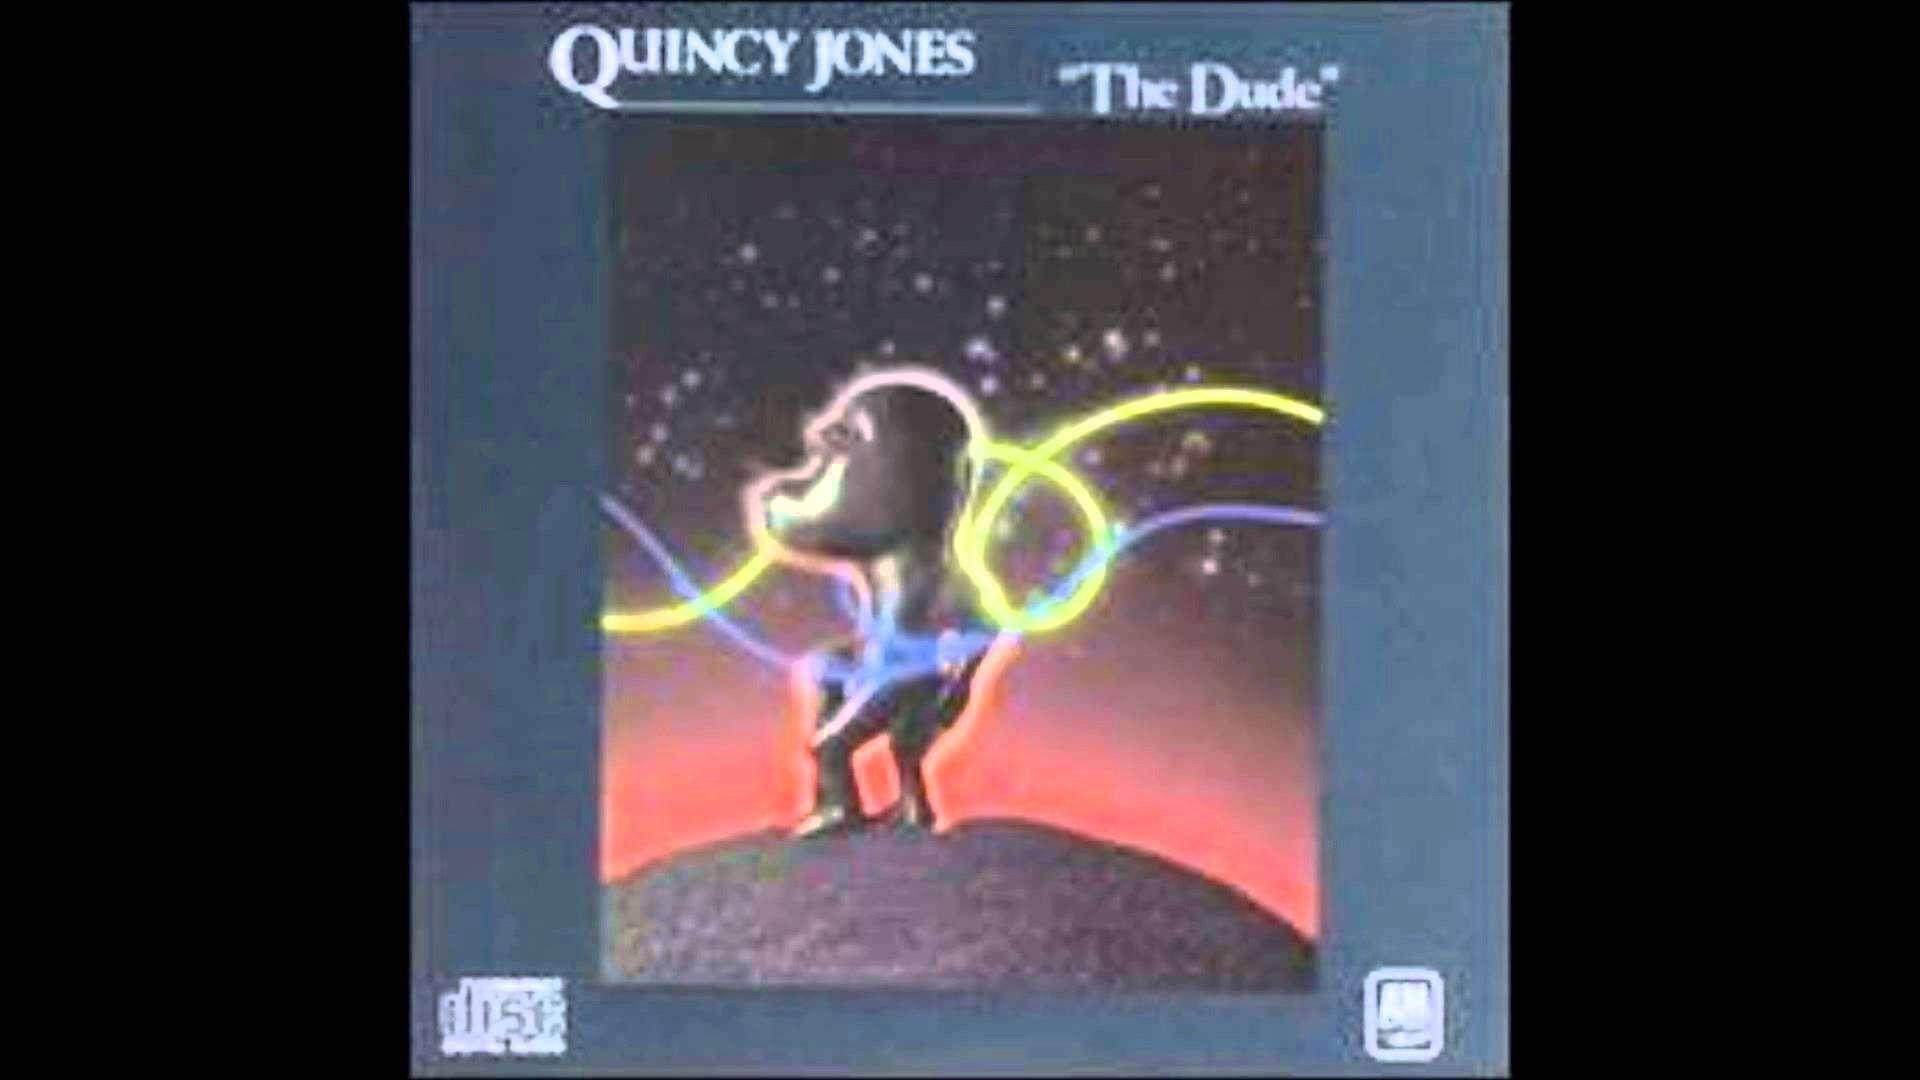 Quincy Jones - Just Once - YouTube